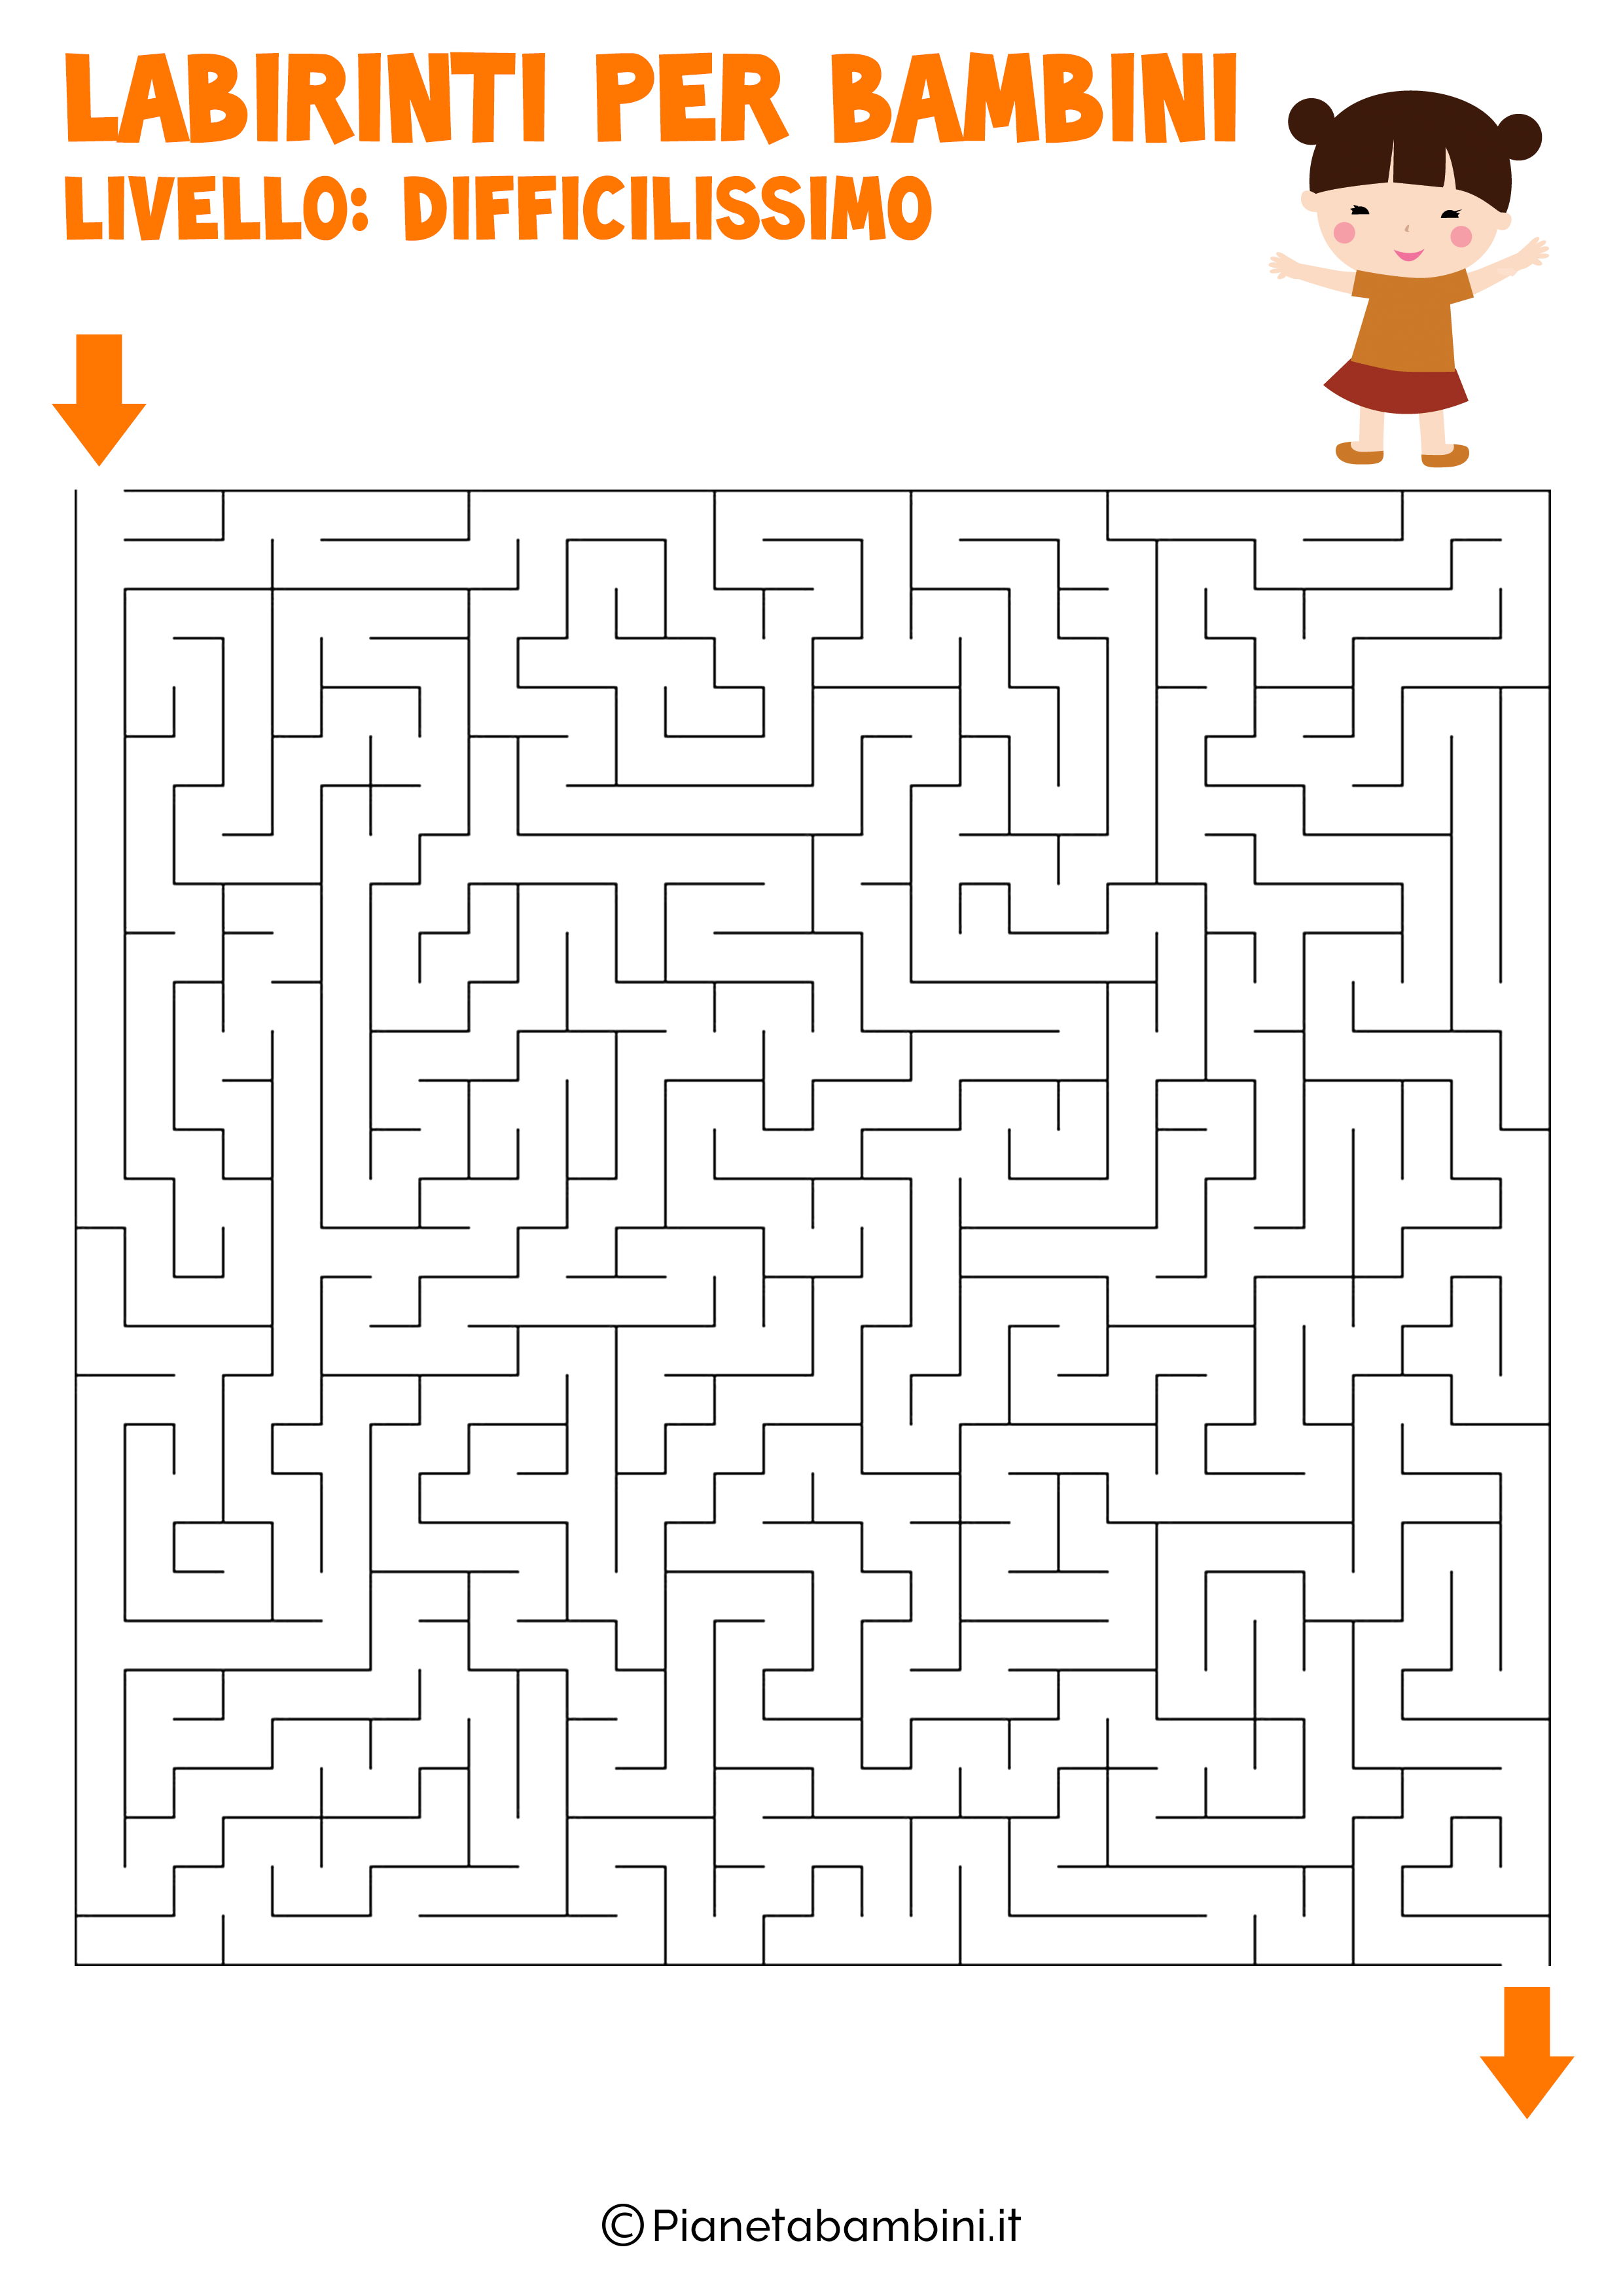 Labirinti-Difficilissimi-Bambini-02